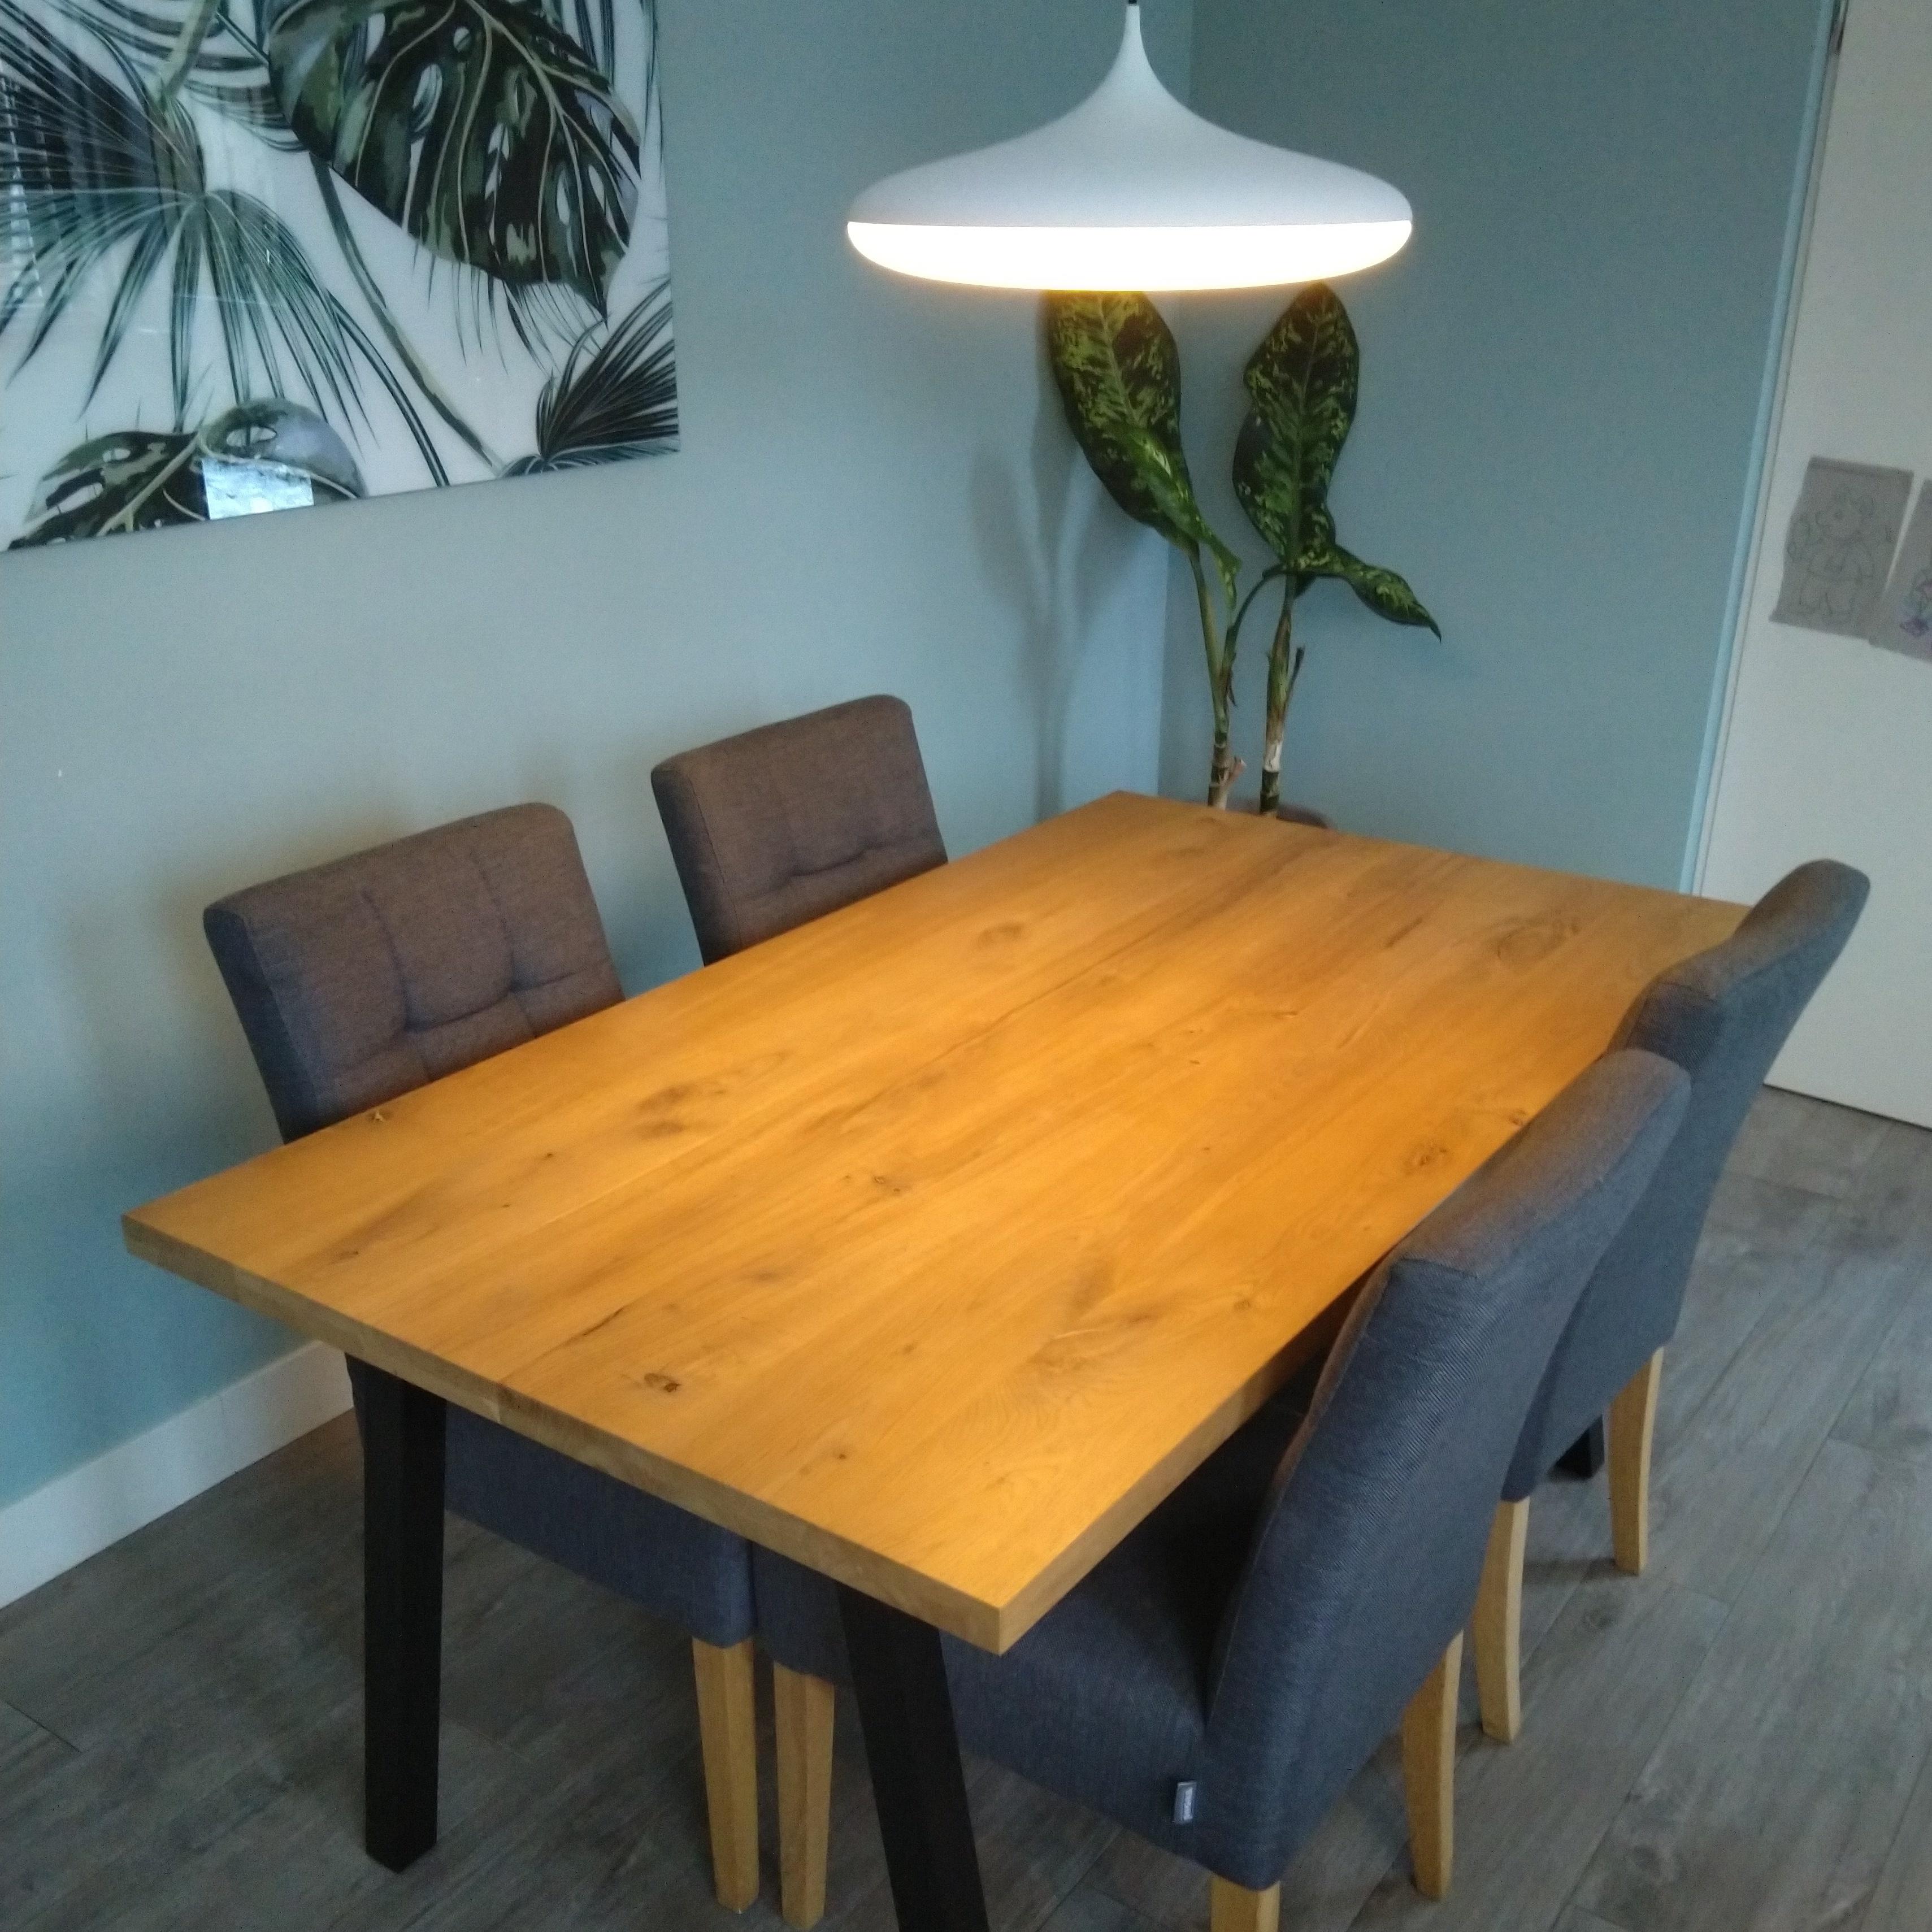 Tischplatte Eiche nach Maß - 4 cm dick (2-lagig) - Eichenholz rustikal - Eiche Tischplatte massiv - verleimt & künstlich getrocknet (HF 8-12%) - 50-120x50-350 cm